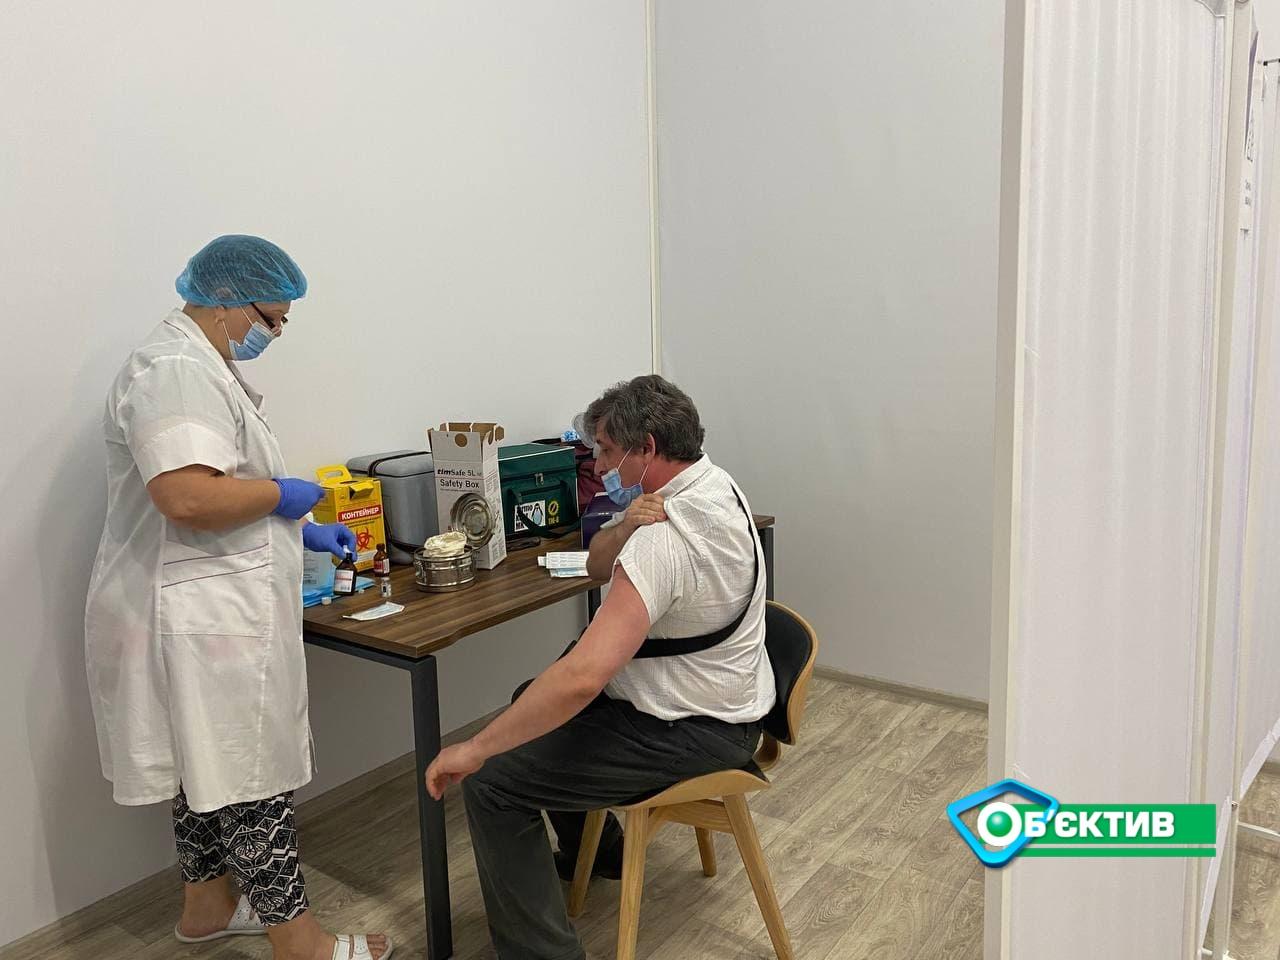 Центр массовой вакцинации появился в ТРЦ «Никольский», и ТРЦ «Французкий бульвар»